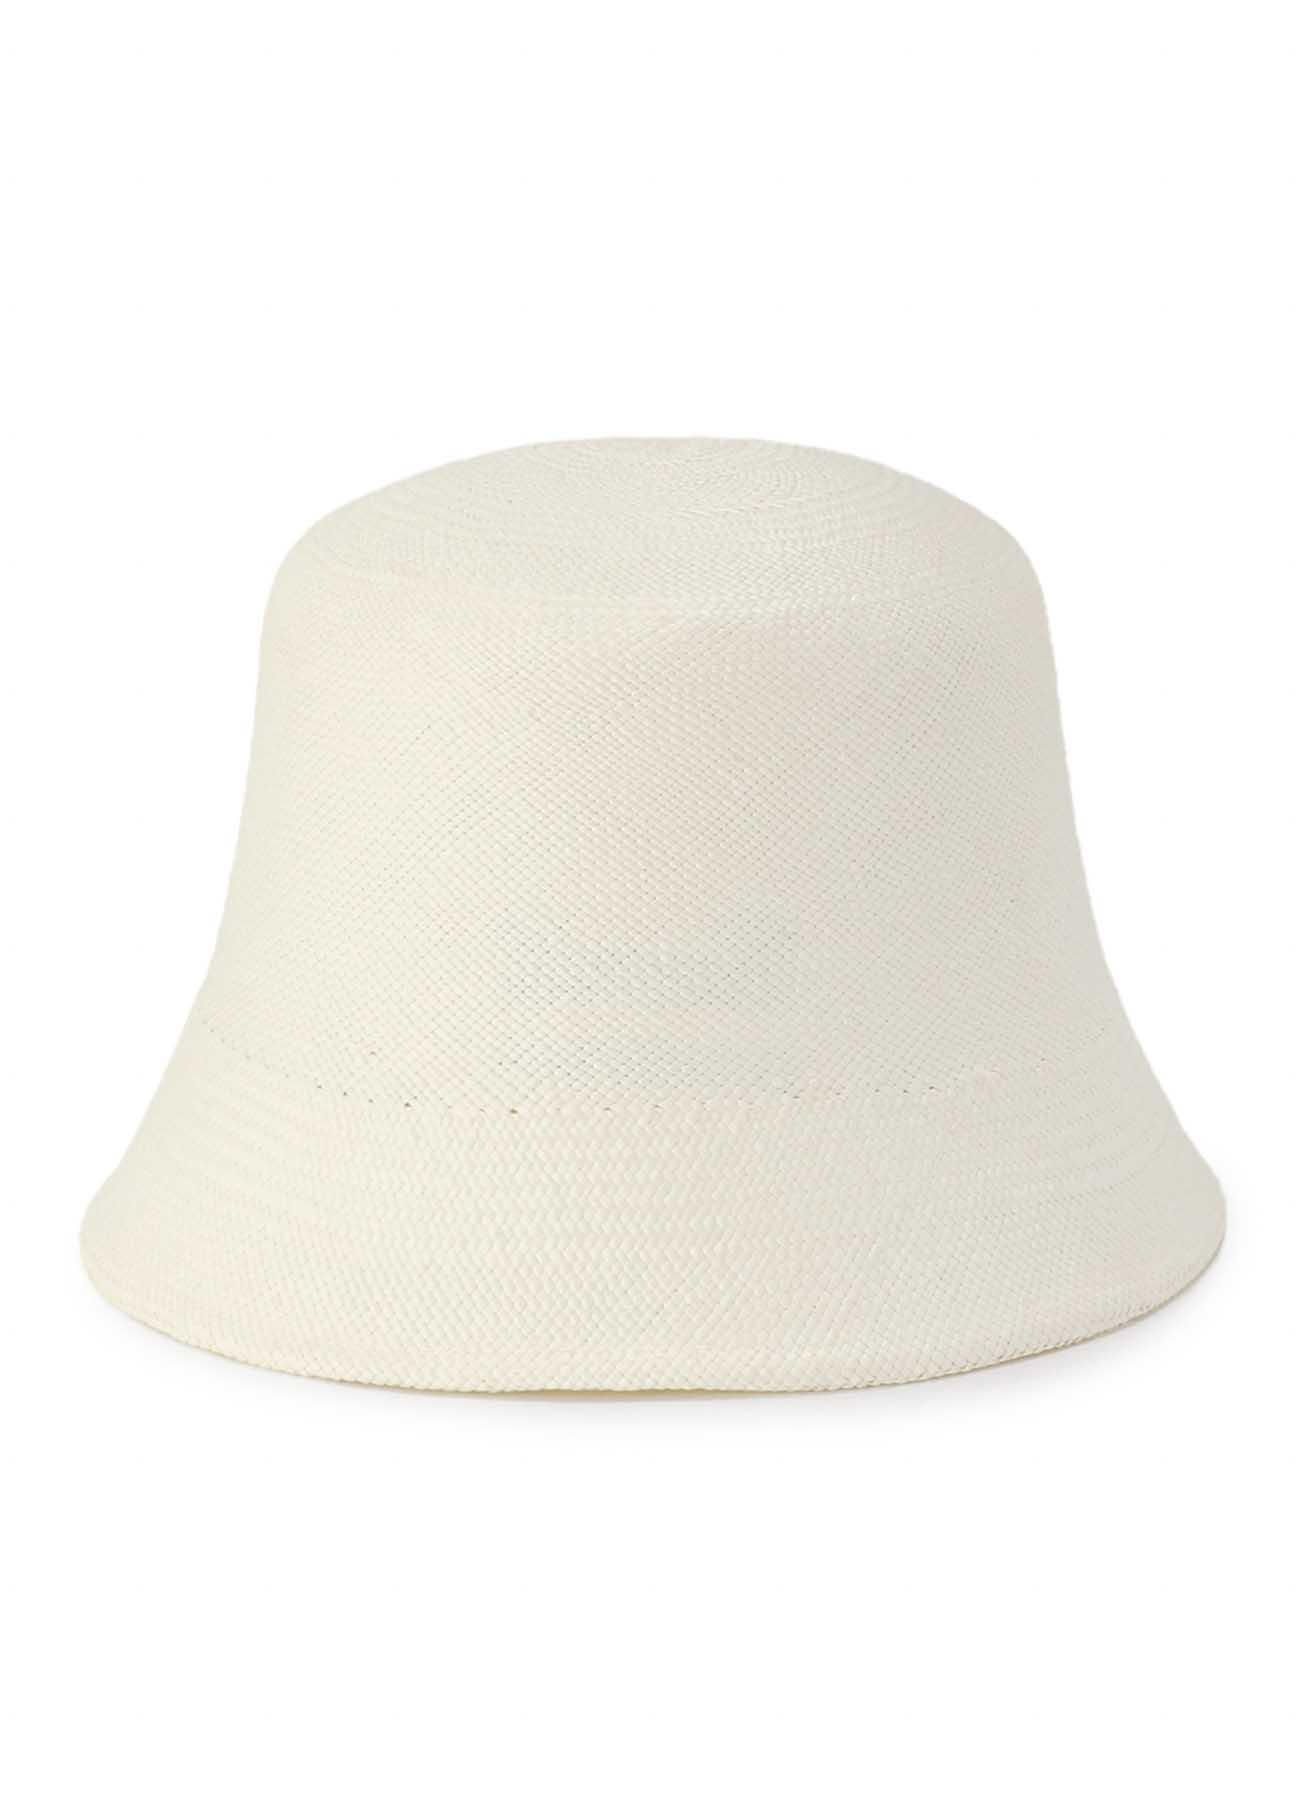 巴拿马风情遮阳帽